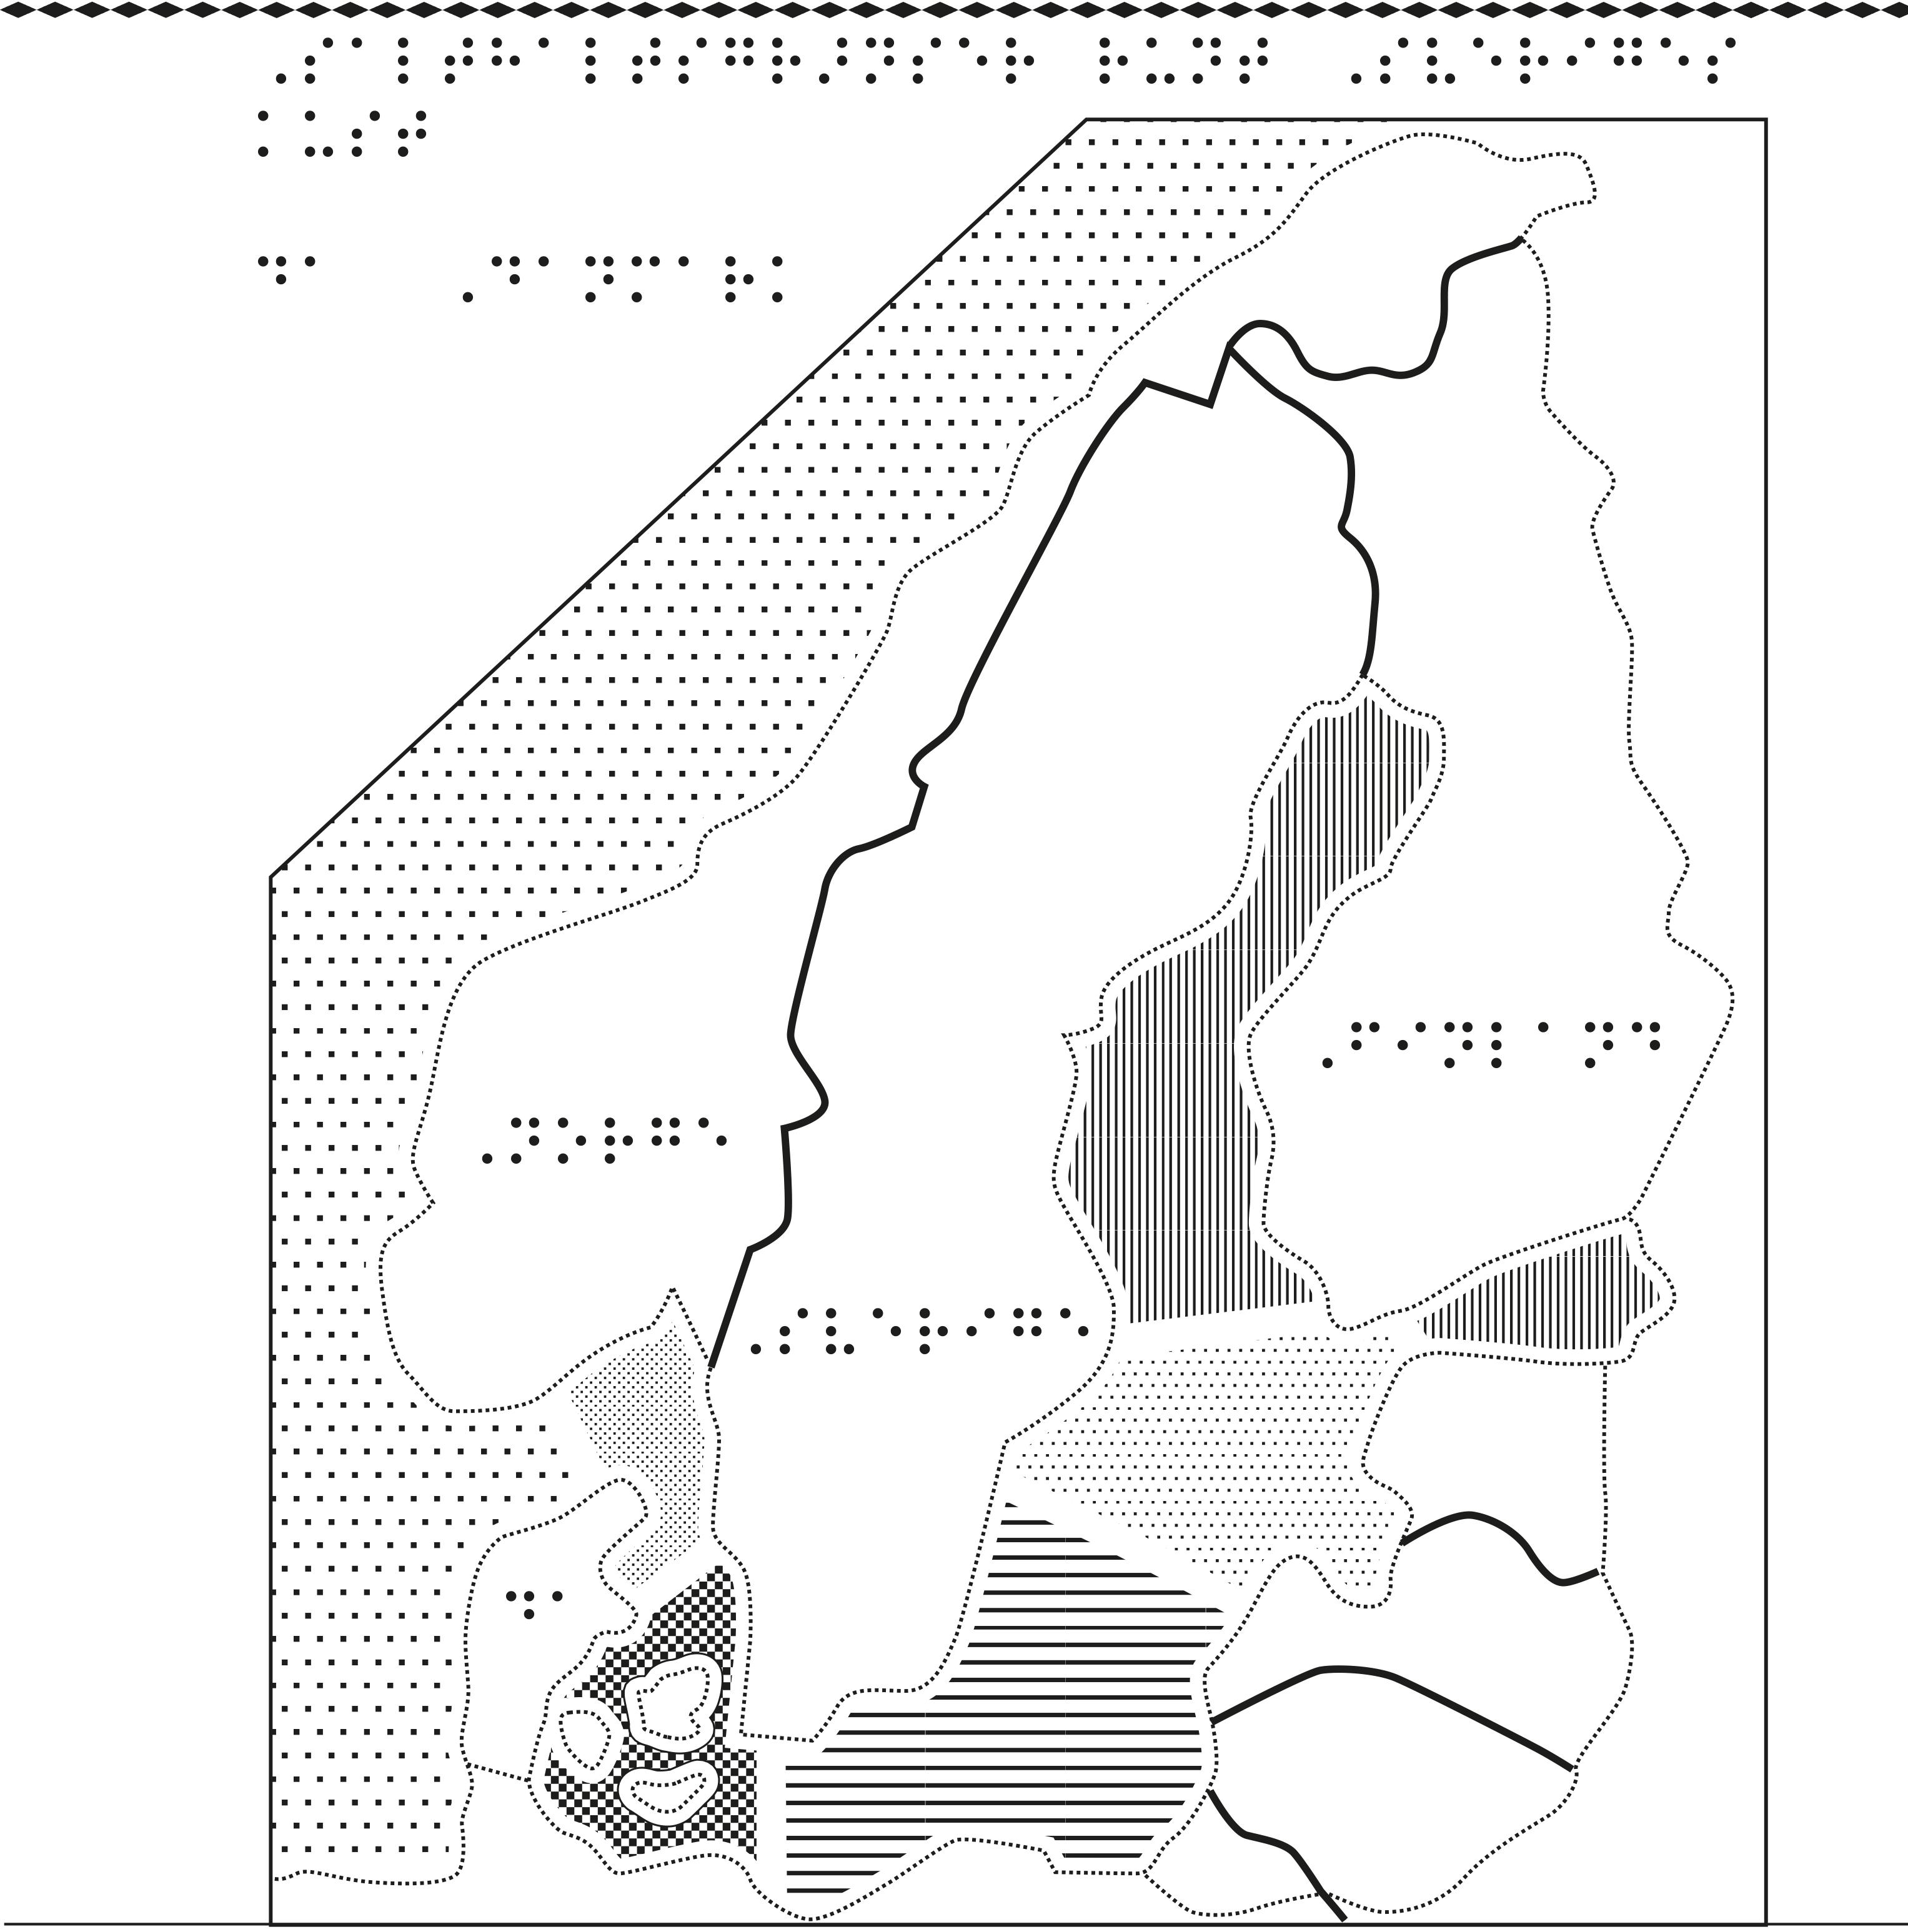 Karta av Skandinavien i relief med salthalter i havet särskilt markerade i punktskrift.